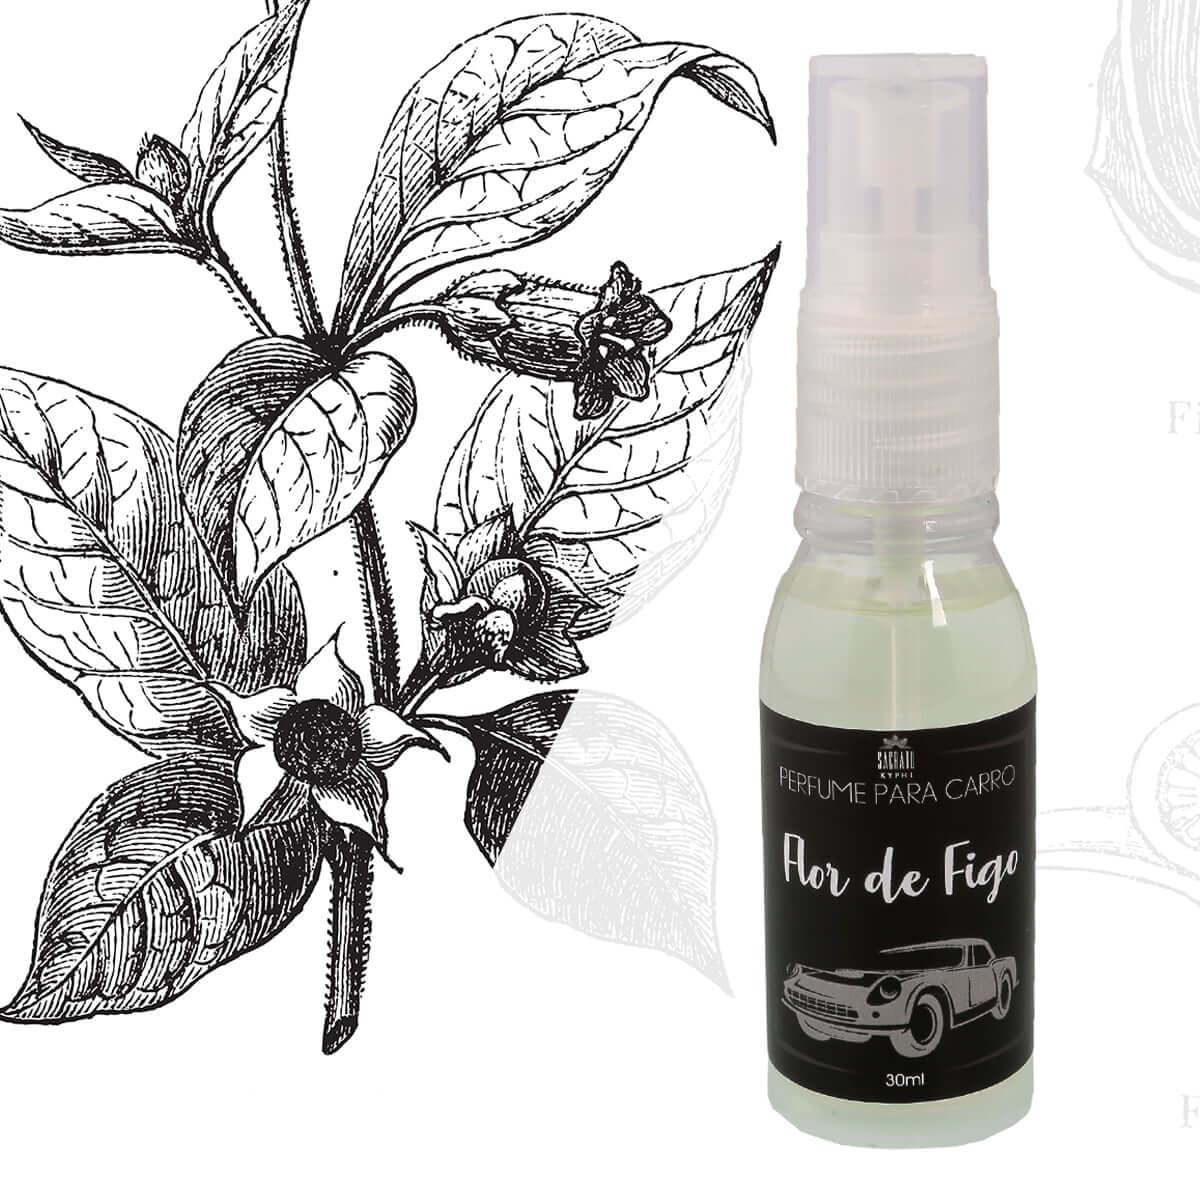 Perfume para Carro Flor de Figo 30ml